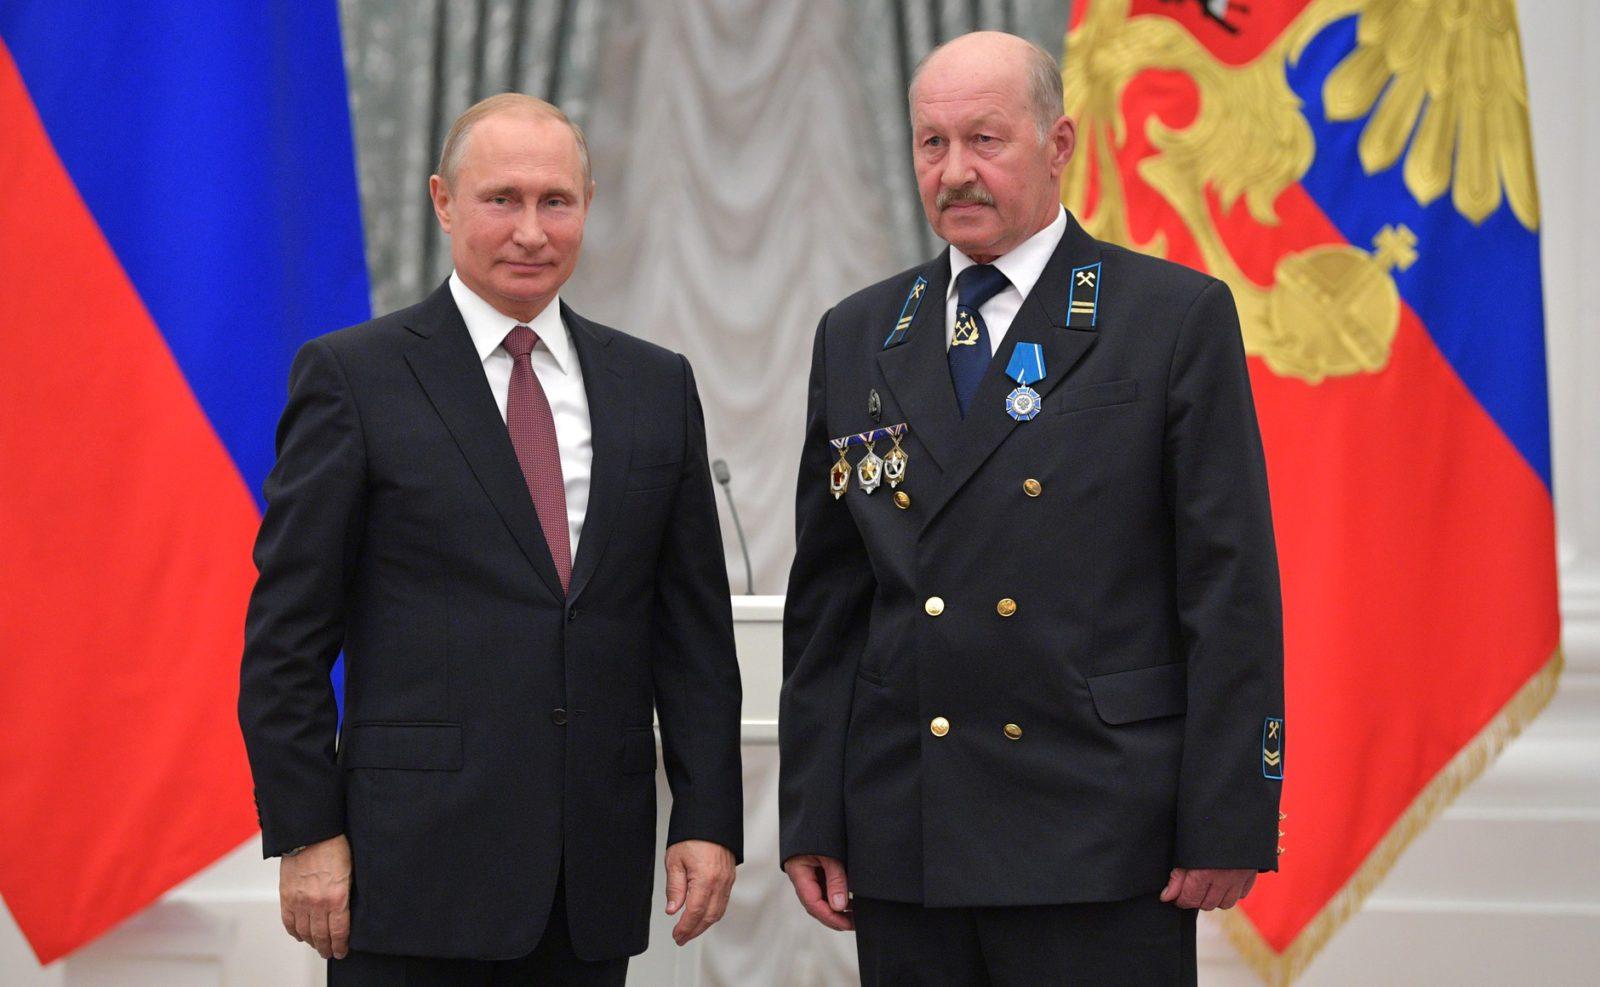 Шахтер из АО «Разрез Березовский» (входит в АО «СУЭК») был награжден Владимиром Путиным